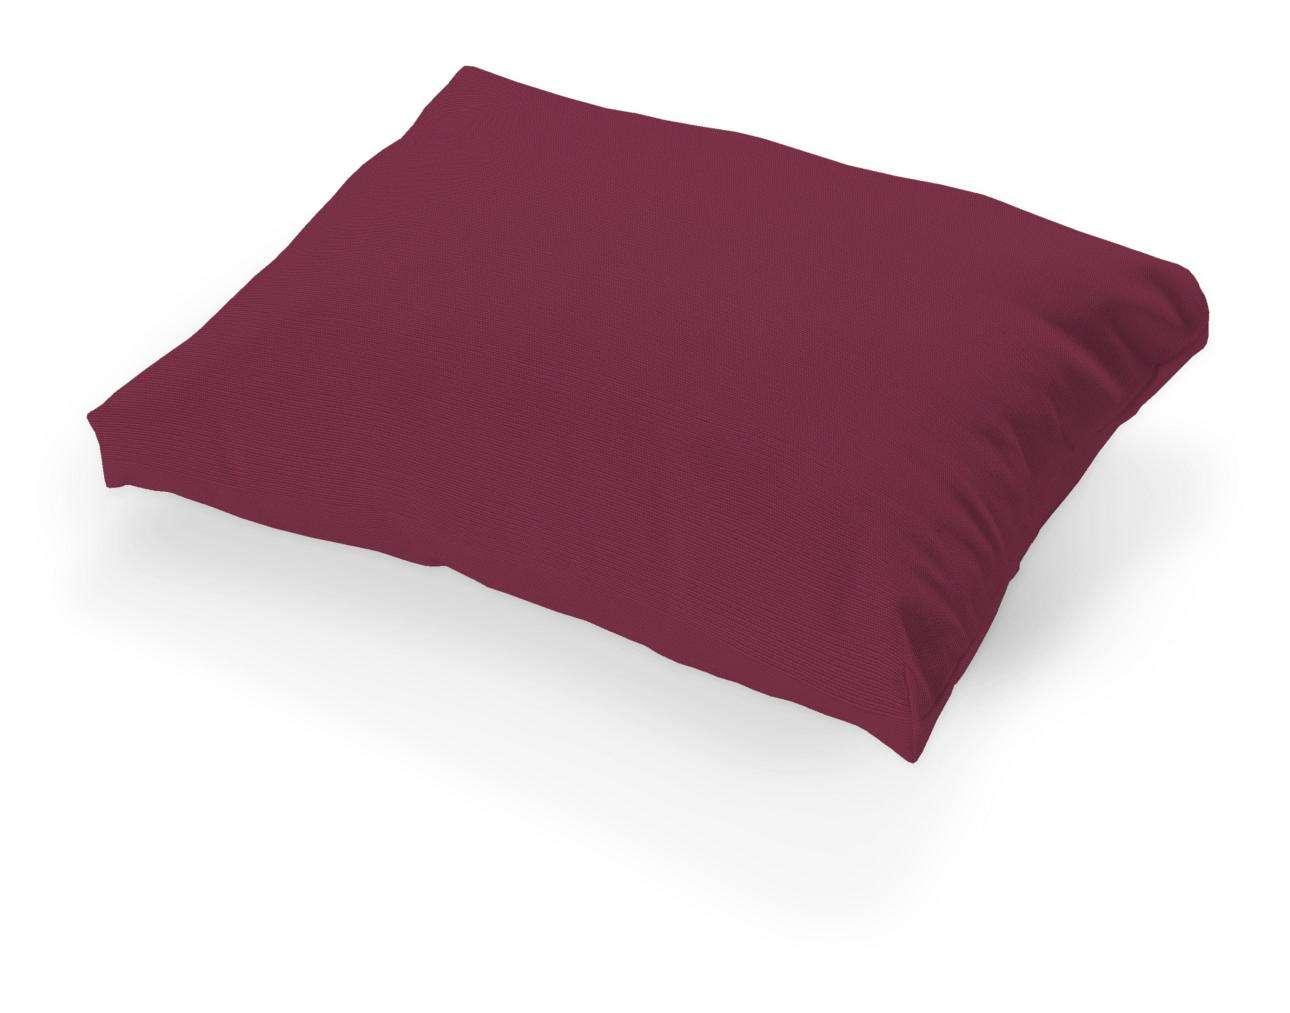 Tylösand pagalvėlės užvalkalas Tylösand pagalvėlė kolekcijoje Cotton Panama, audinys: 702-32